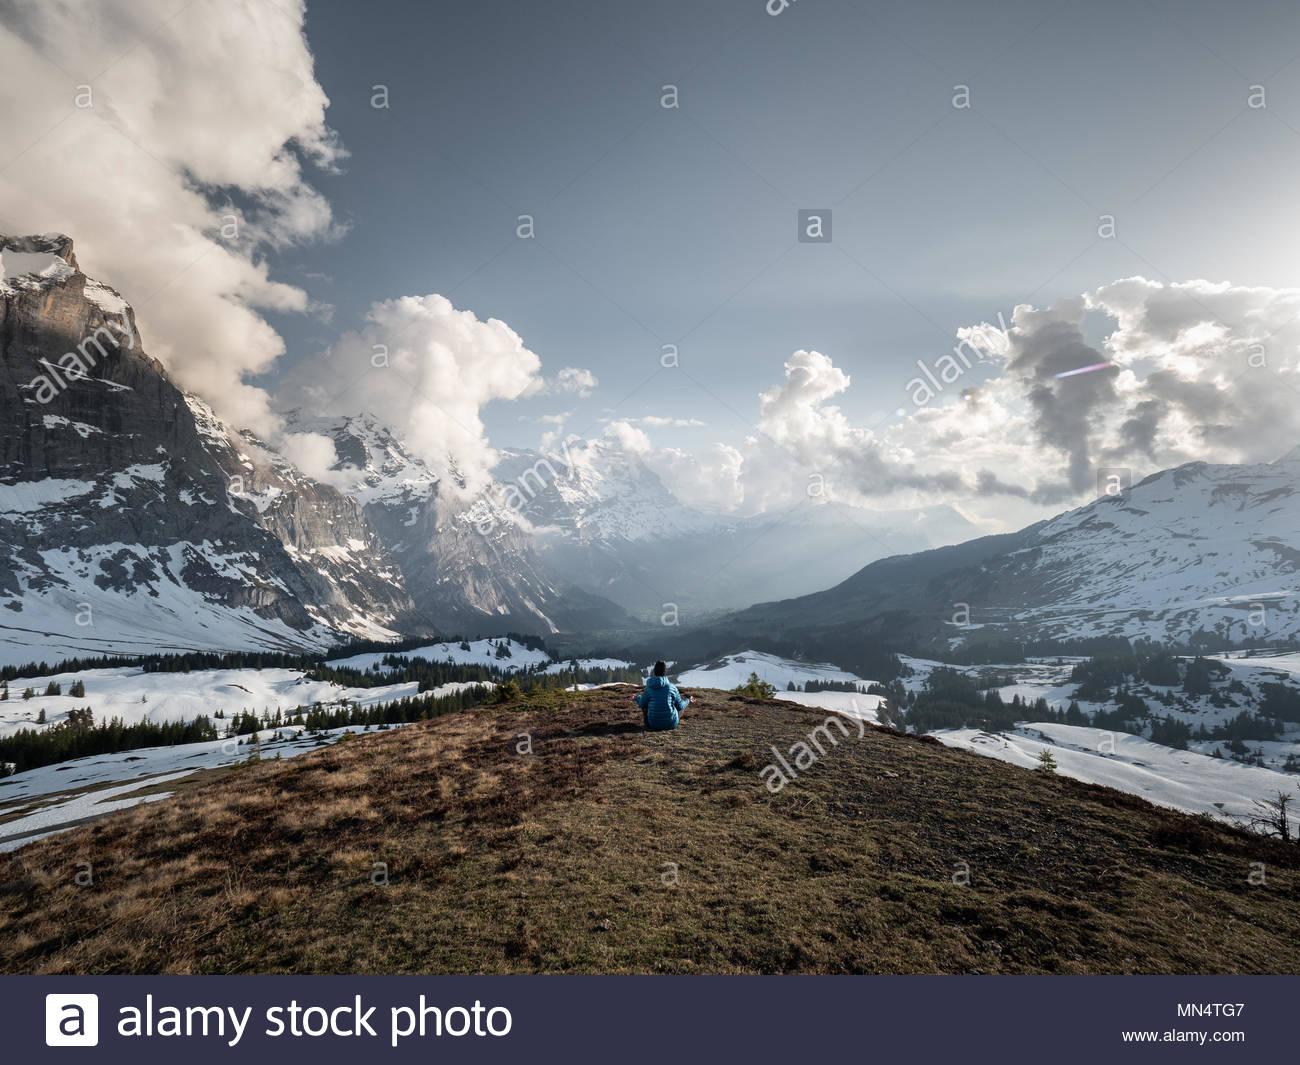 Un hombre meditando en wide open paisaje de montaña en frente de los grandes picos de montaña de los alpes suizos y montañas Eiger, en conceptos como la relajación, sana l Imagen De Stock